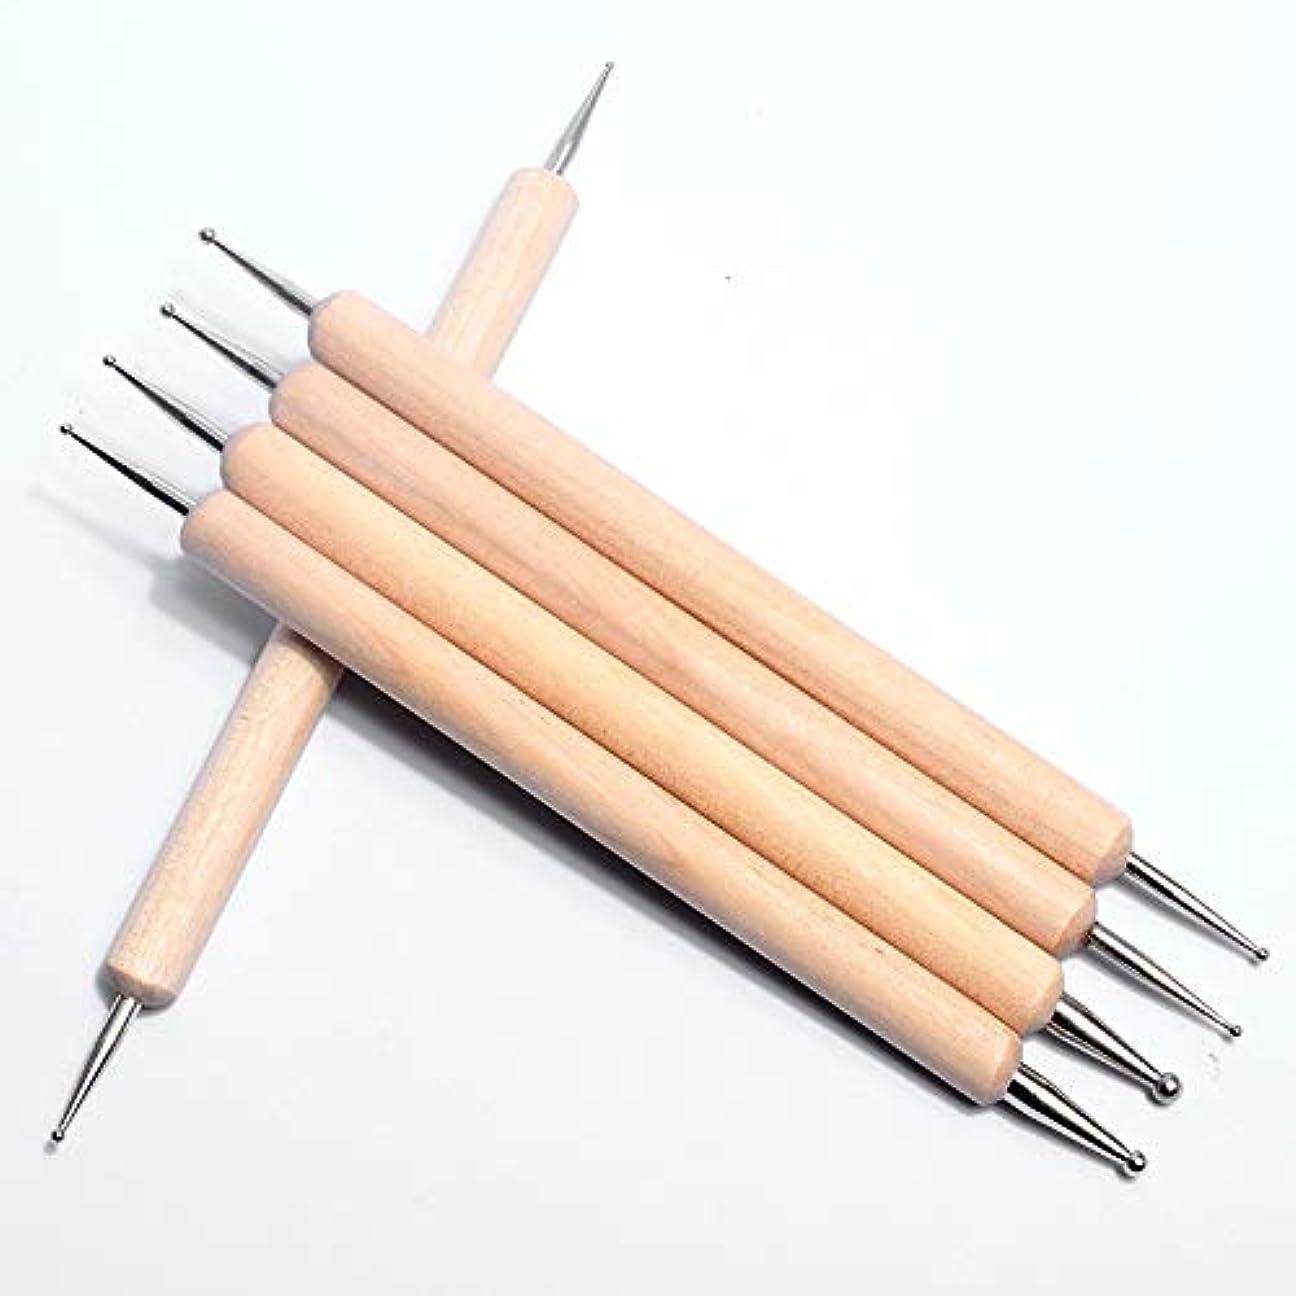 ALEXBIAN 木製ボールスタイラスドットペンネイルアートデザインツールセット用マニキュアエンボスパターン粘土彫刻モデリングツール5PC